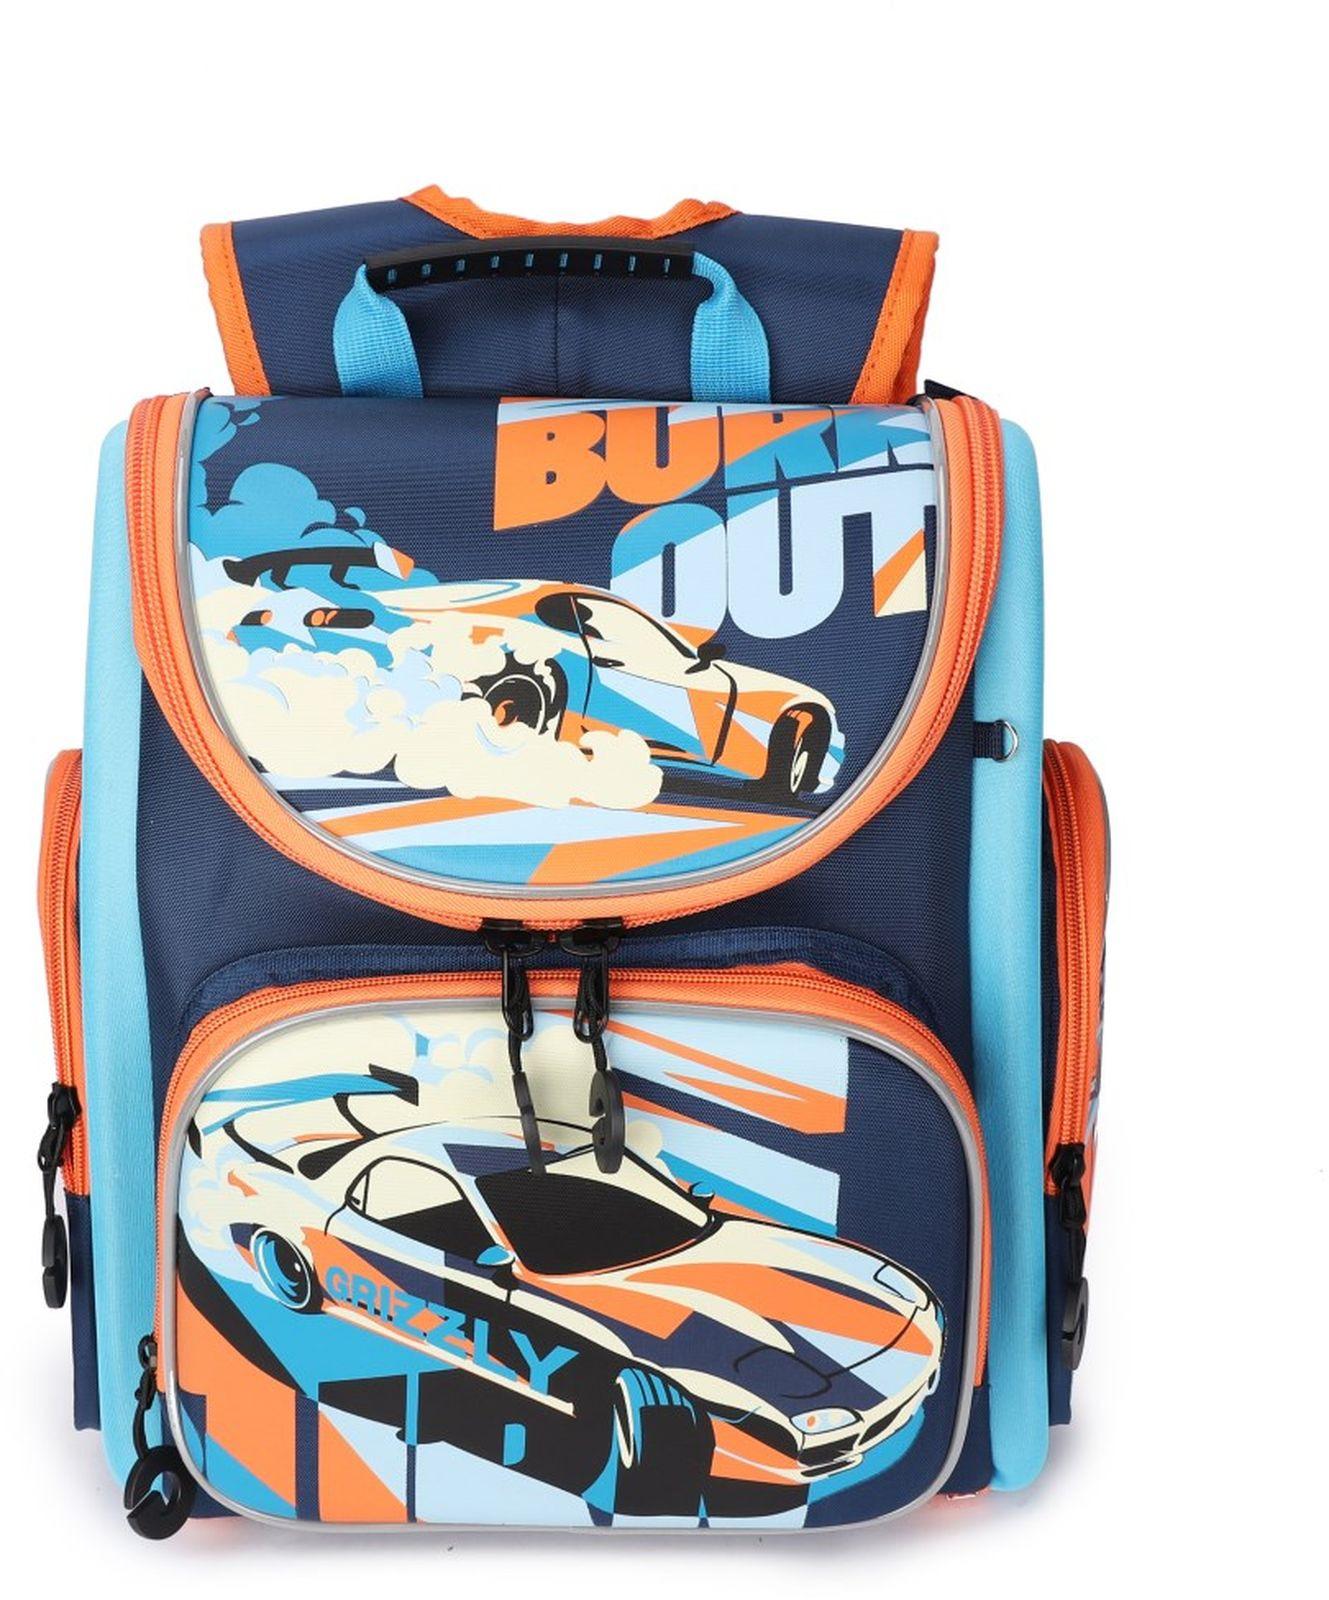 Рюкзак школьный Grizzly, RA-970-3/1, голубой, темно-синий